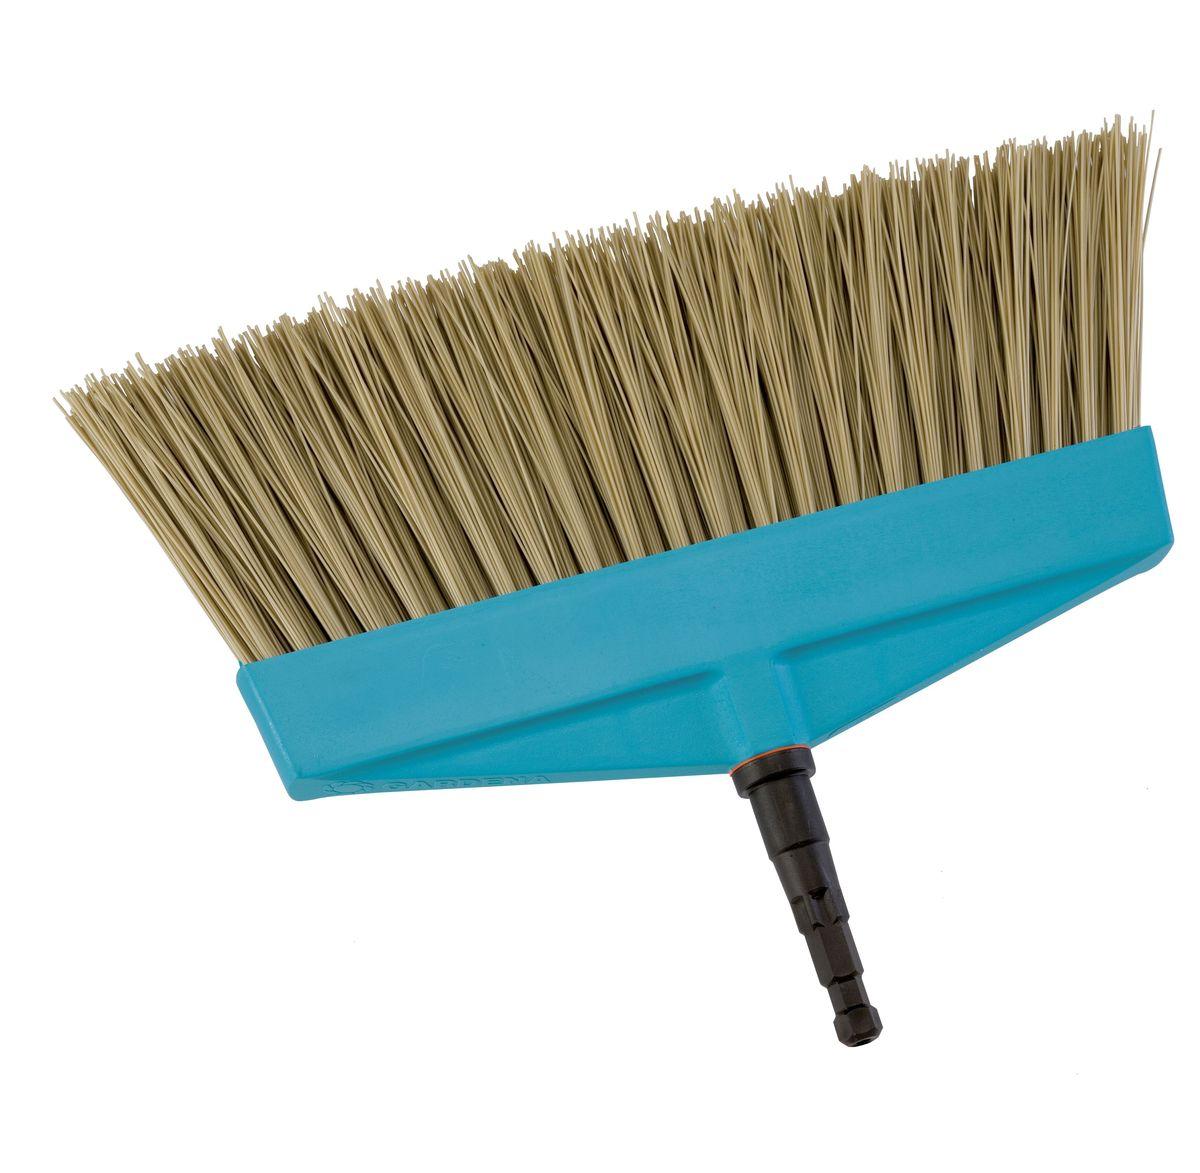 Щетка для террас Gardena, без ручки03610-20.000.00Щетка для террас Gardena представляет собой идеальный инструмент для уборки во внутреннем дворике или на балконе. Высококачественный пластиковый корпус с прочной гибкой щетиной из полипропилена позволяет достигнуть оптимальных результатов уборки. Щетка может использоваться с любой ручкой, однако рекомендуется использовать ручку длиной 130 см, в зависимости от роста пользователя. Рабочая ширина щетки - 32 см.